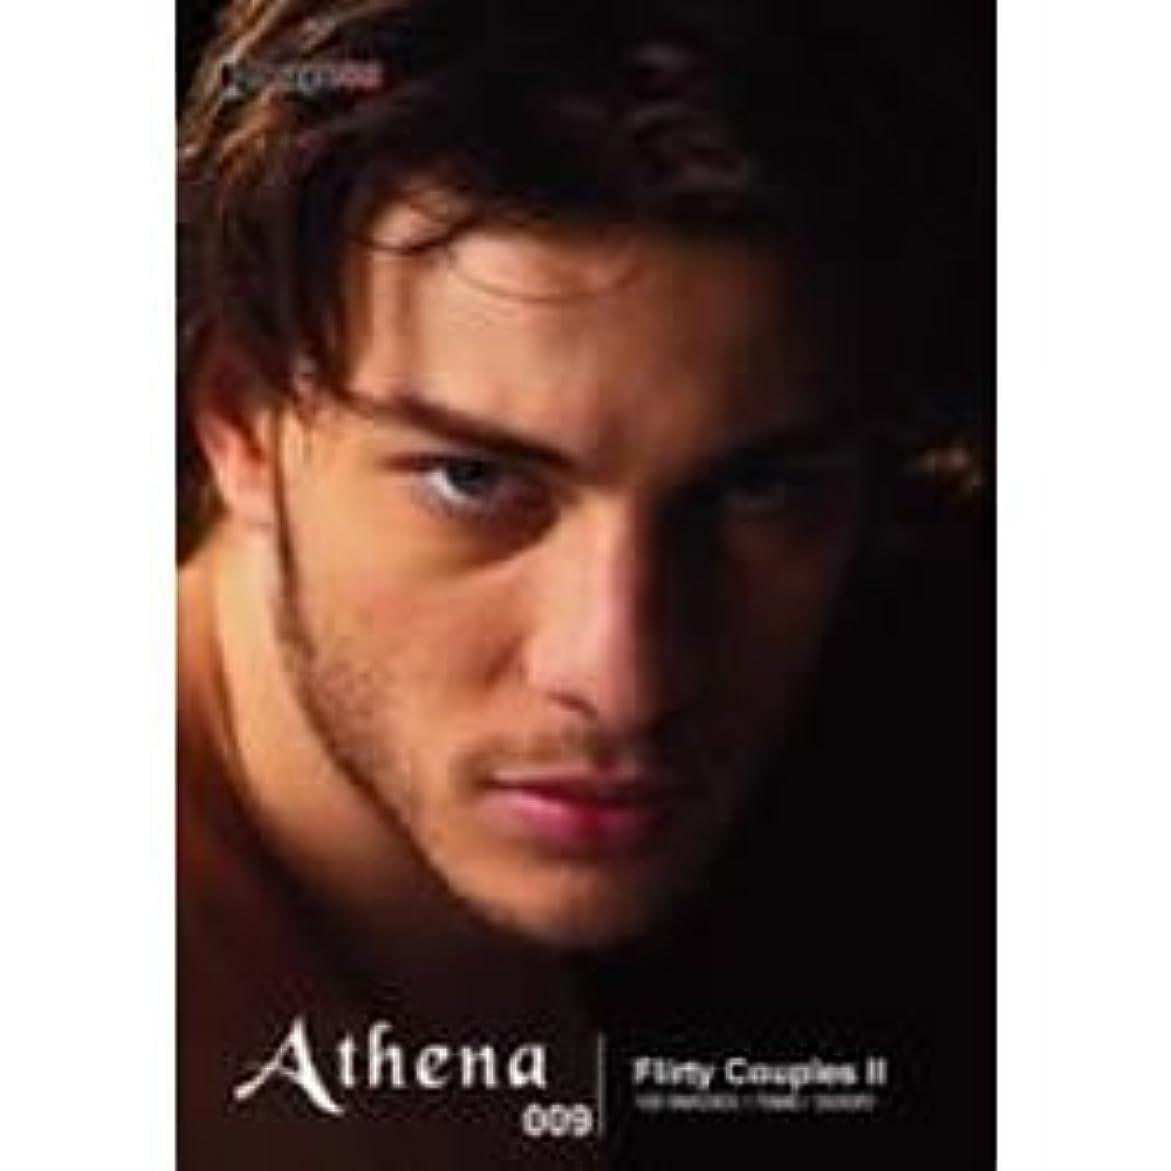 忙しい折遺棄されたアテナ Vol.9 ラブシーン2